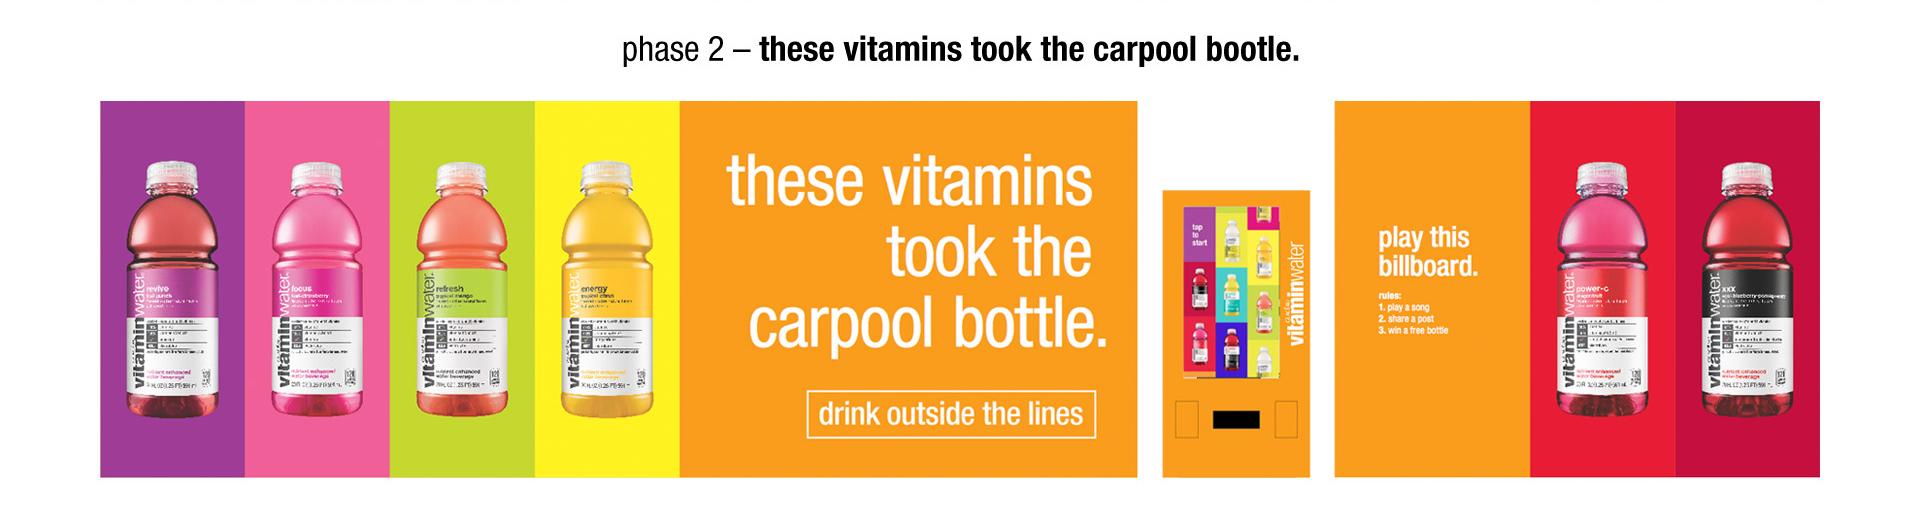 case_vitaminwater_summerjams3_19.jpg